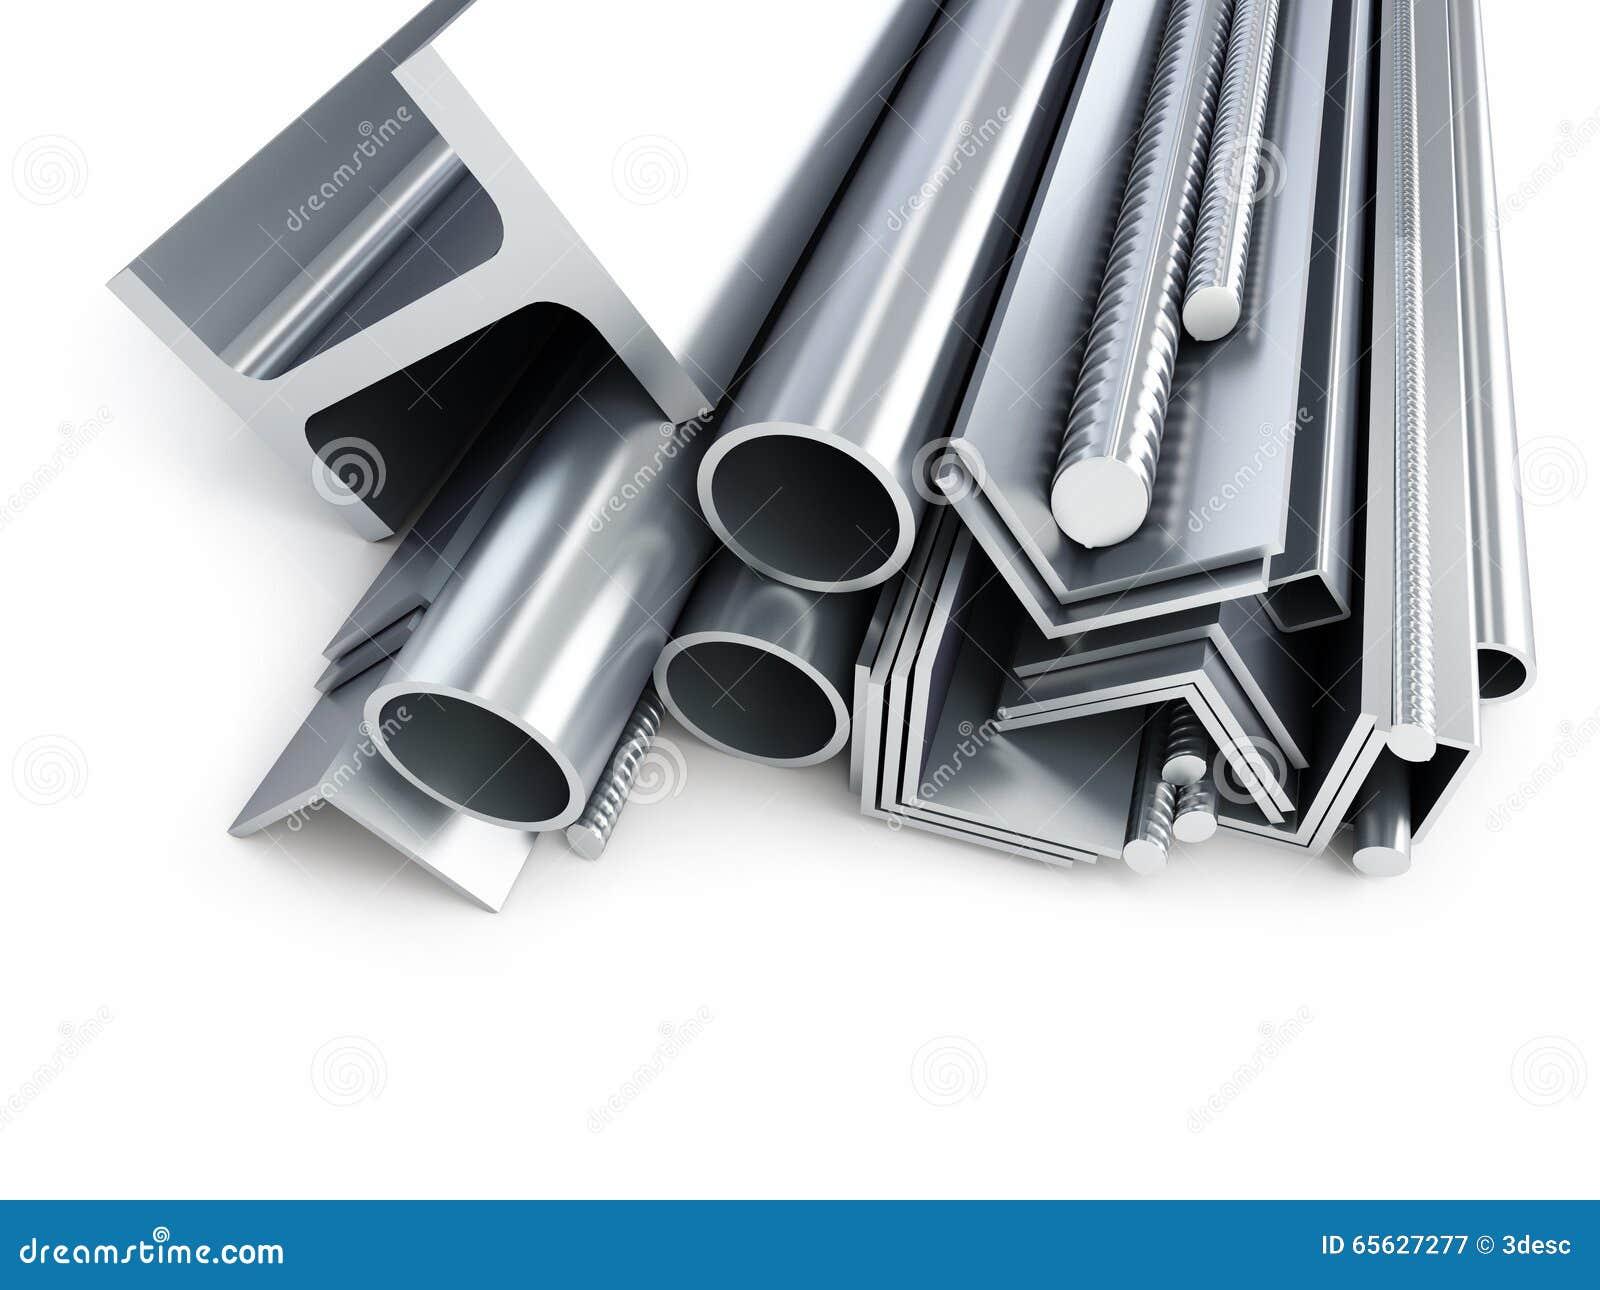 Les produits métalliques roulés, métal siffle, des angles, canaux, places